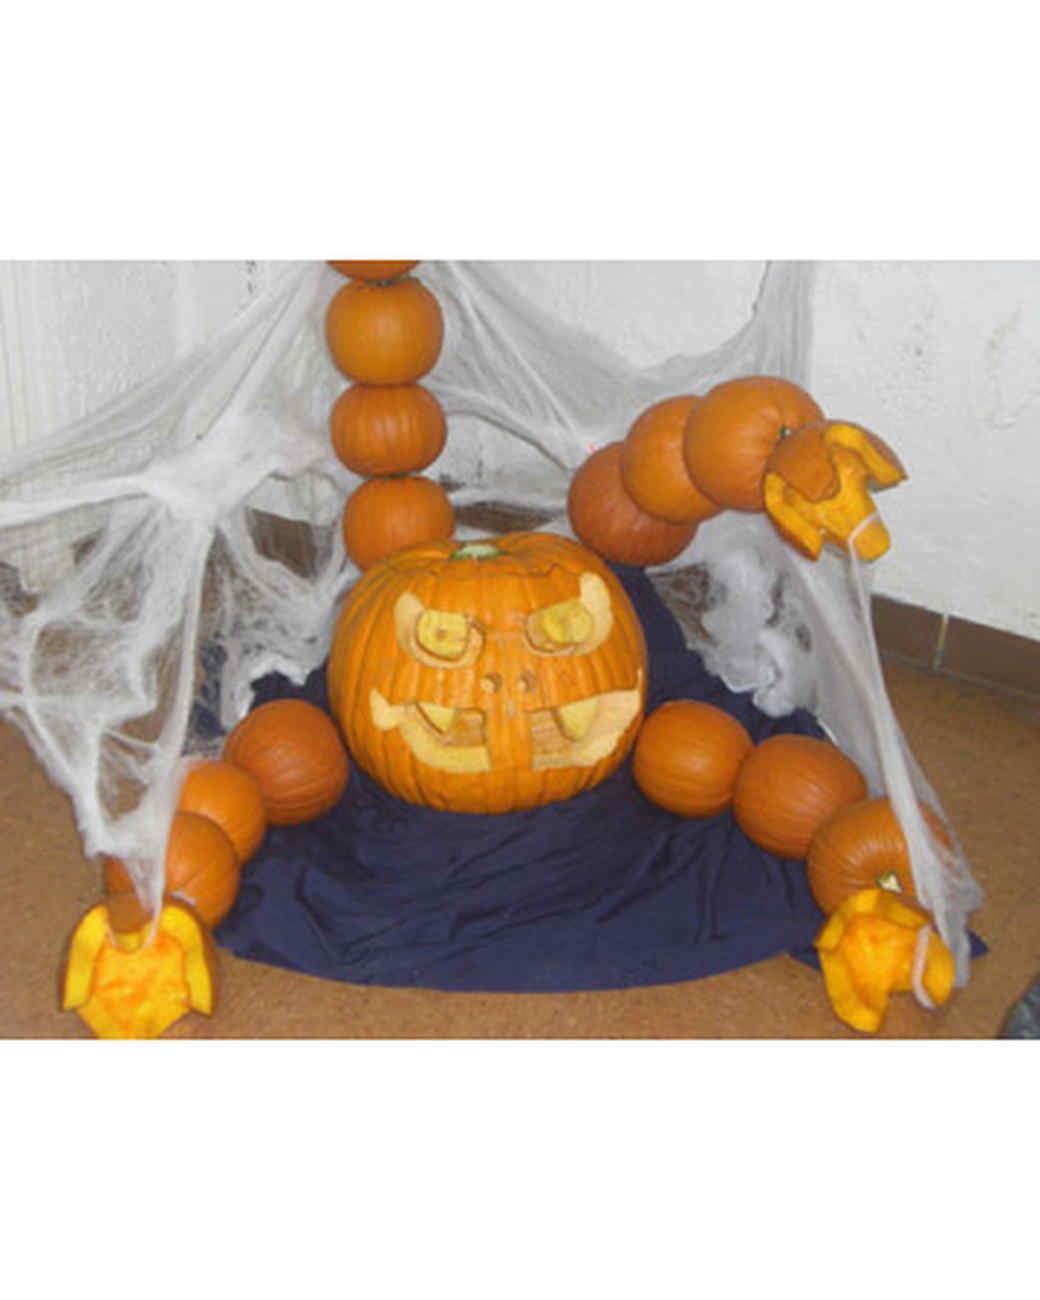 halloween_ugc09_pumpkin_creature.jpg